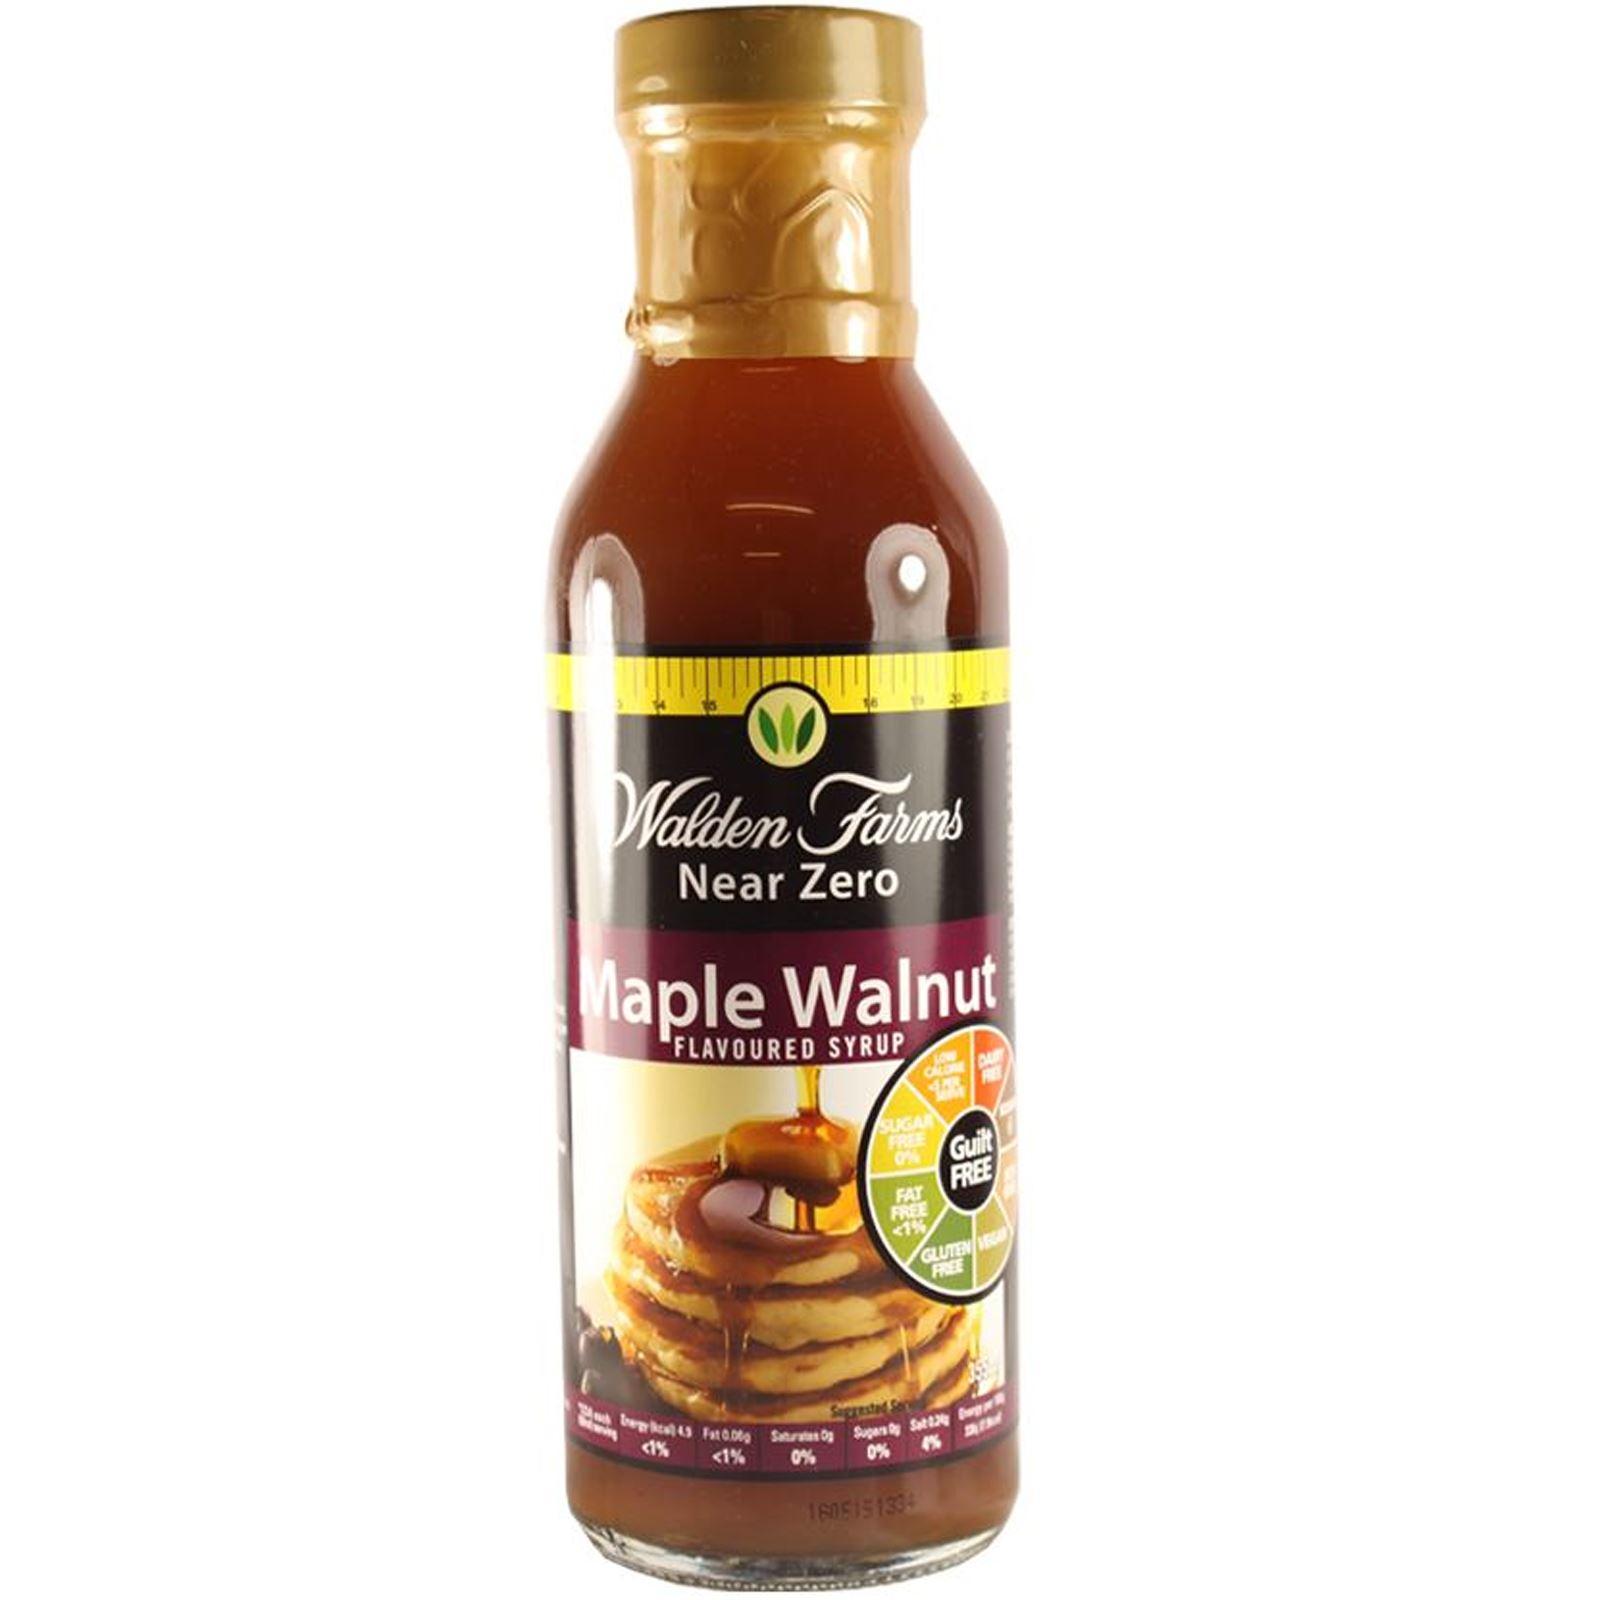 Walden-Farms-Near-Zero-Calorie-Syrup-Sauce-Carb-